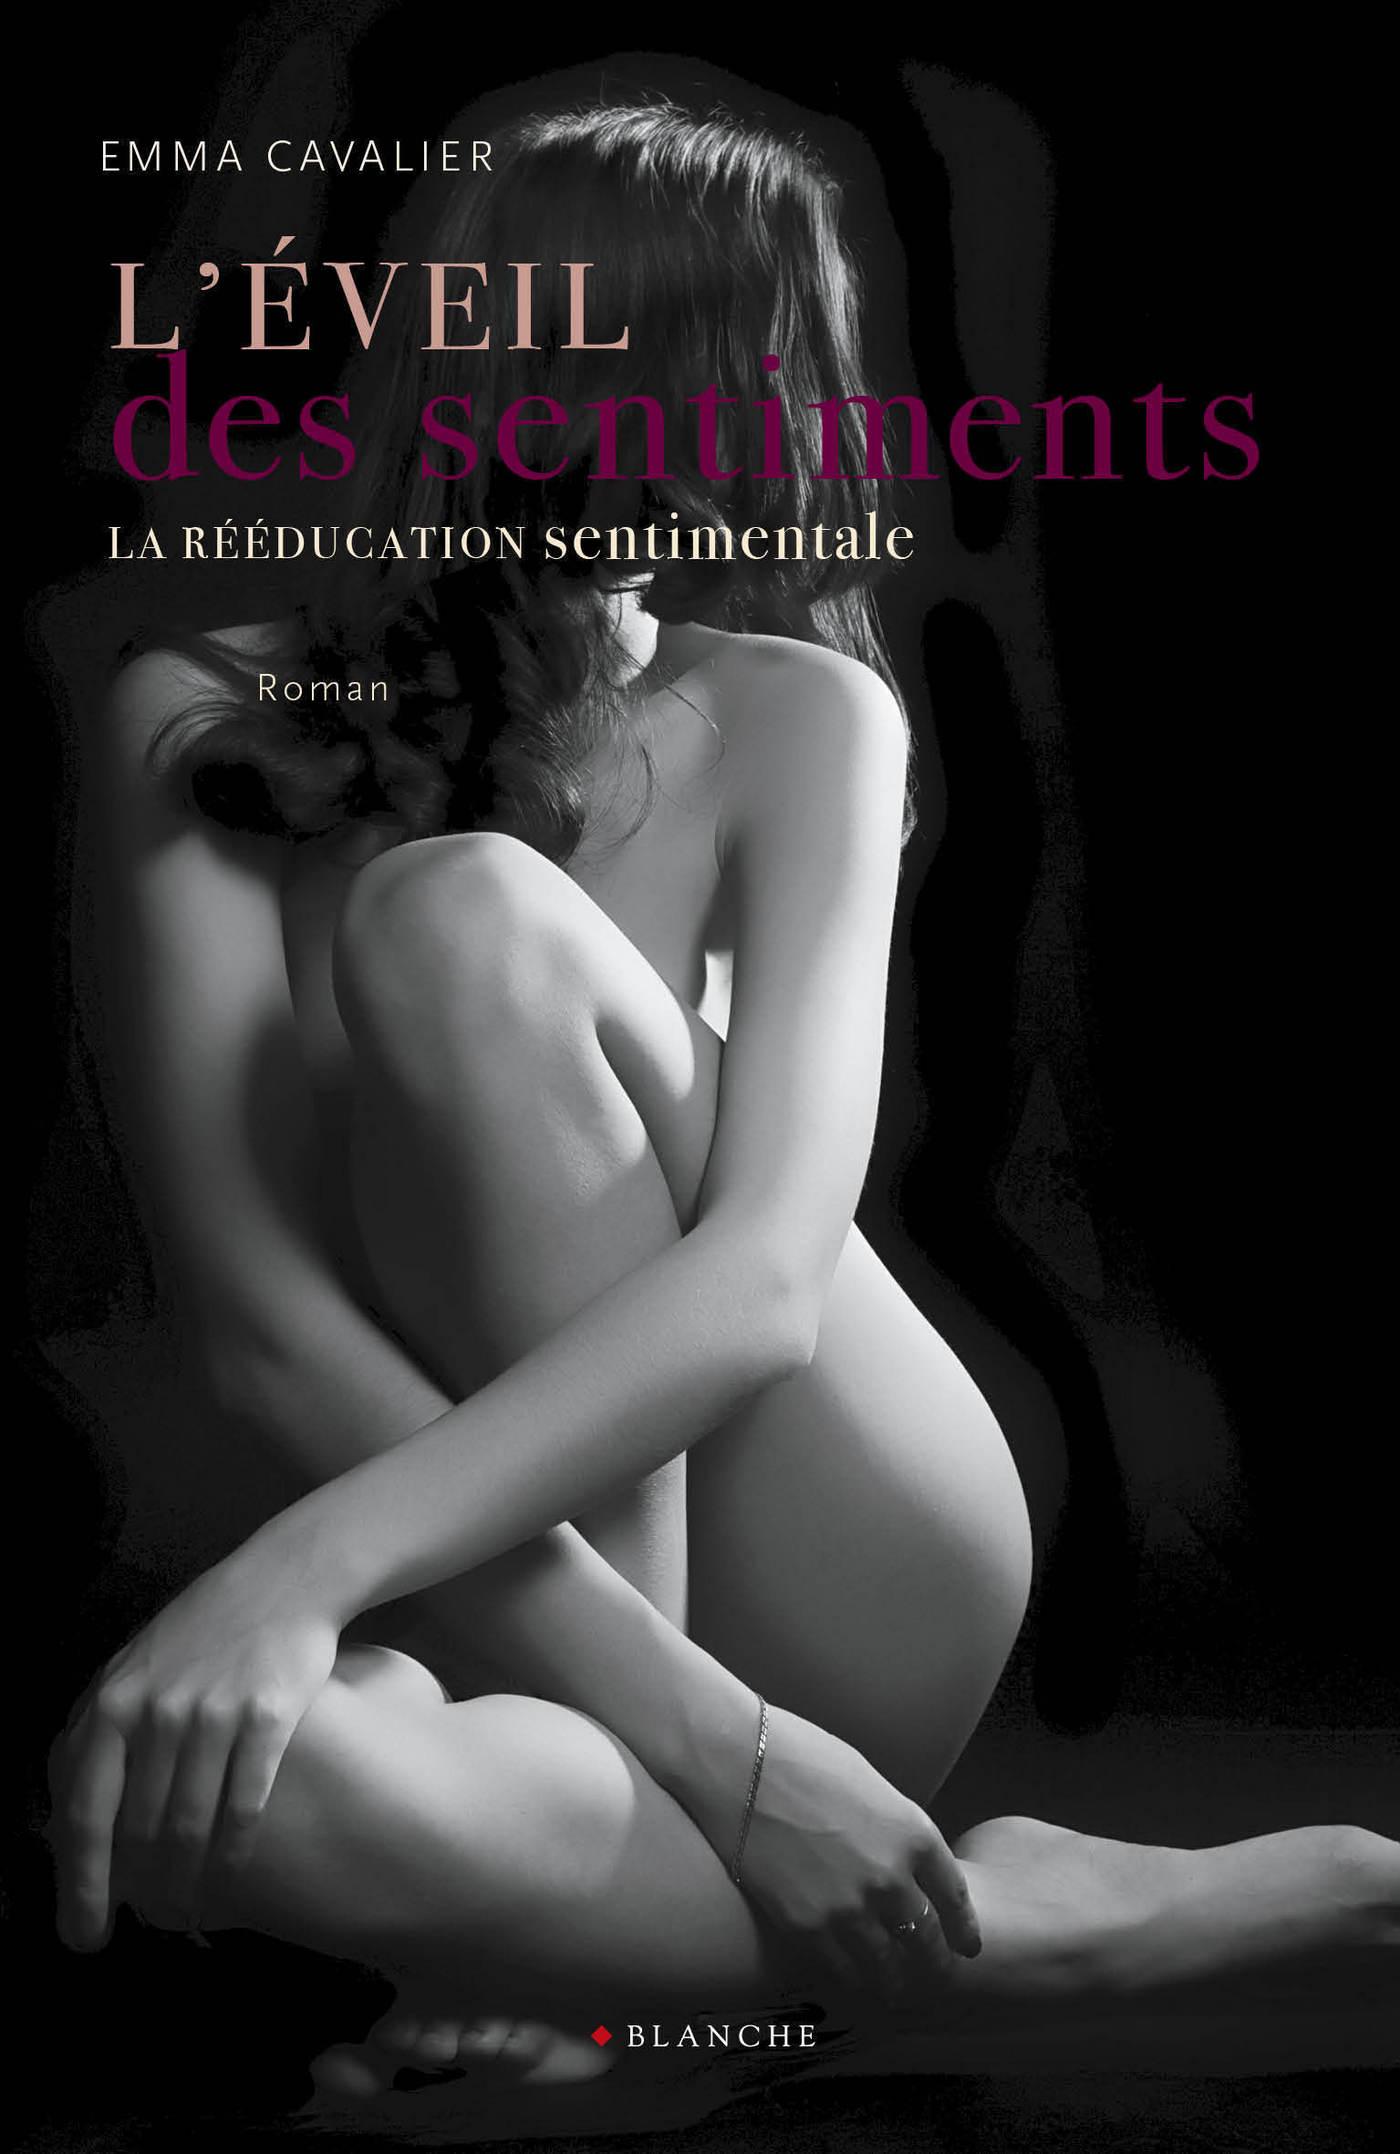 La rééducation sentimentale Tome 2 L'éveil des sentiments (ebook)